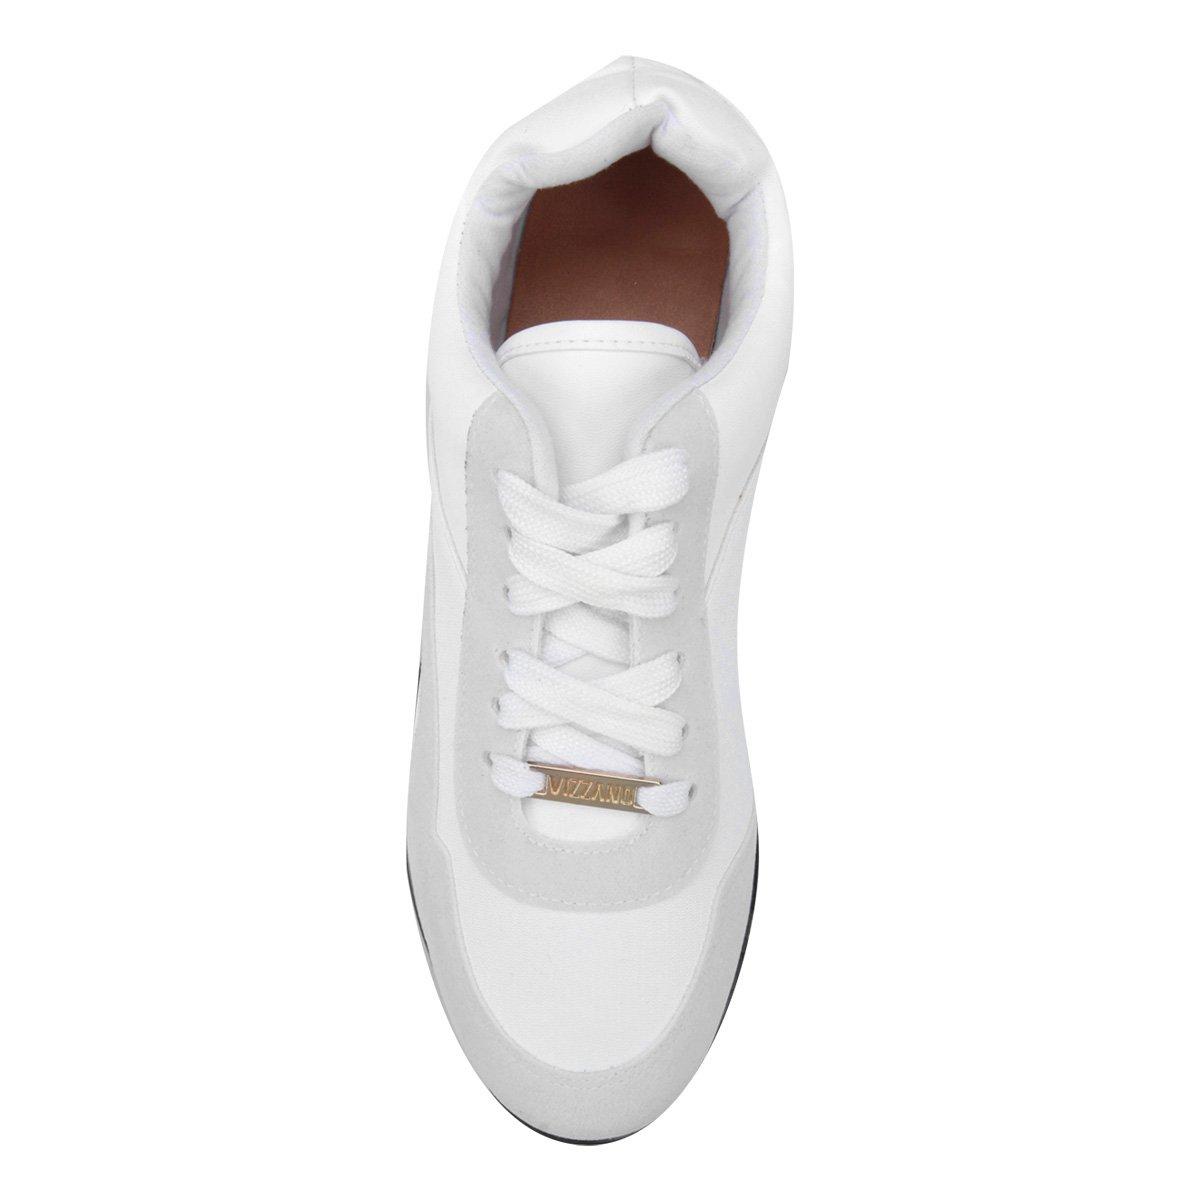 Vizzano Tênis Jogging White Feminino Básico Tênis Vizzano Off 5Eqnx45